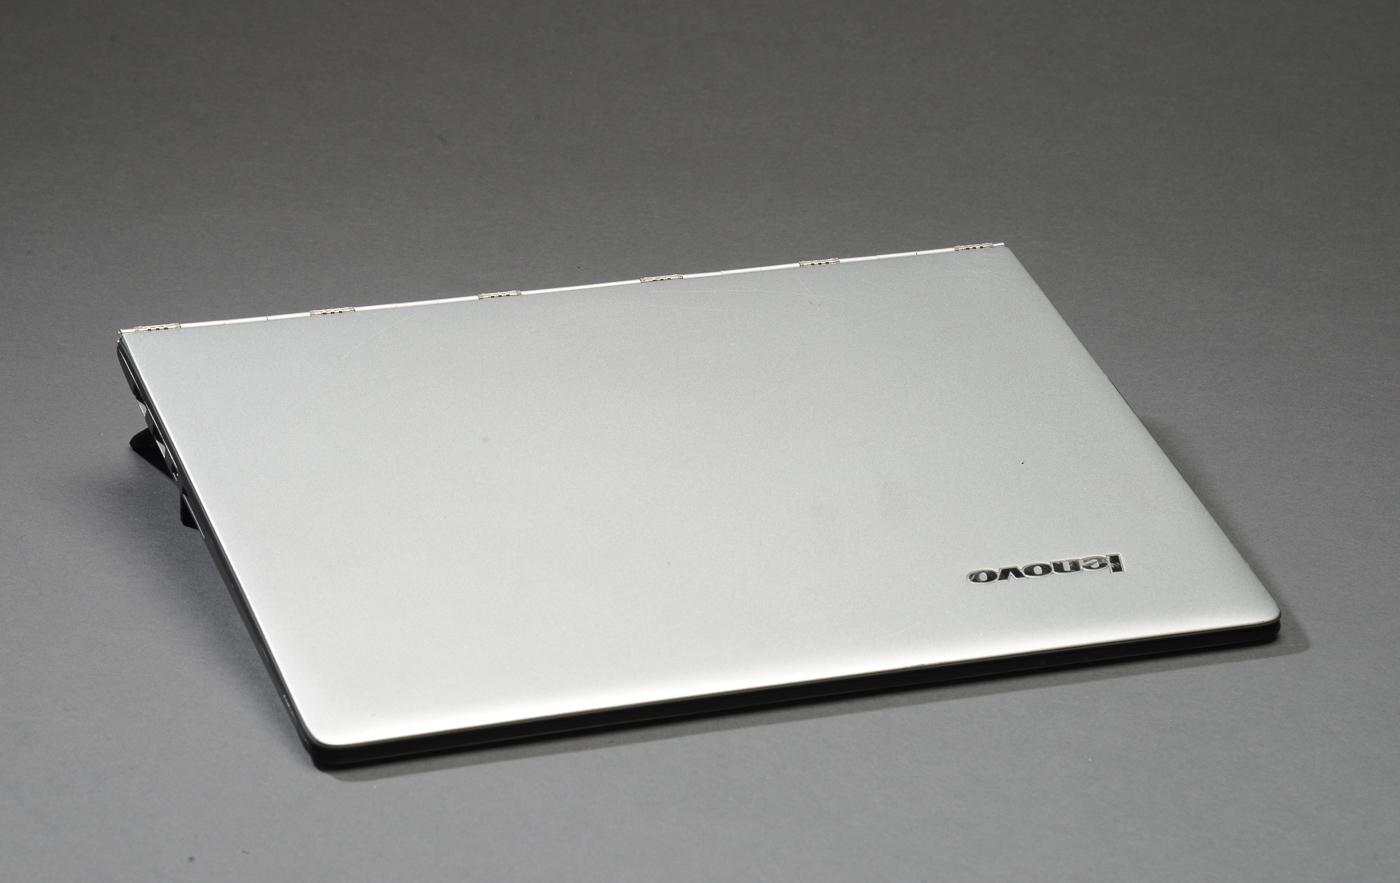 Lenovo Yoga 3 Pro 1370, uden harddisk - Lenovo Yoga 3 Pro 1370, uden harddisk. 13,3 touchskærm, Uden oplader. Serienr. PF05PFC3. Fremstår brugsspor med ridser, skrammer. Lauritz.com indestår ikke for funktionaliteten. Auktioner over hittegods, cykler, og koster fra Københavns Politi Se...